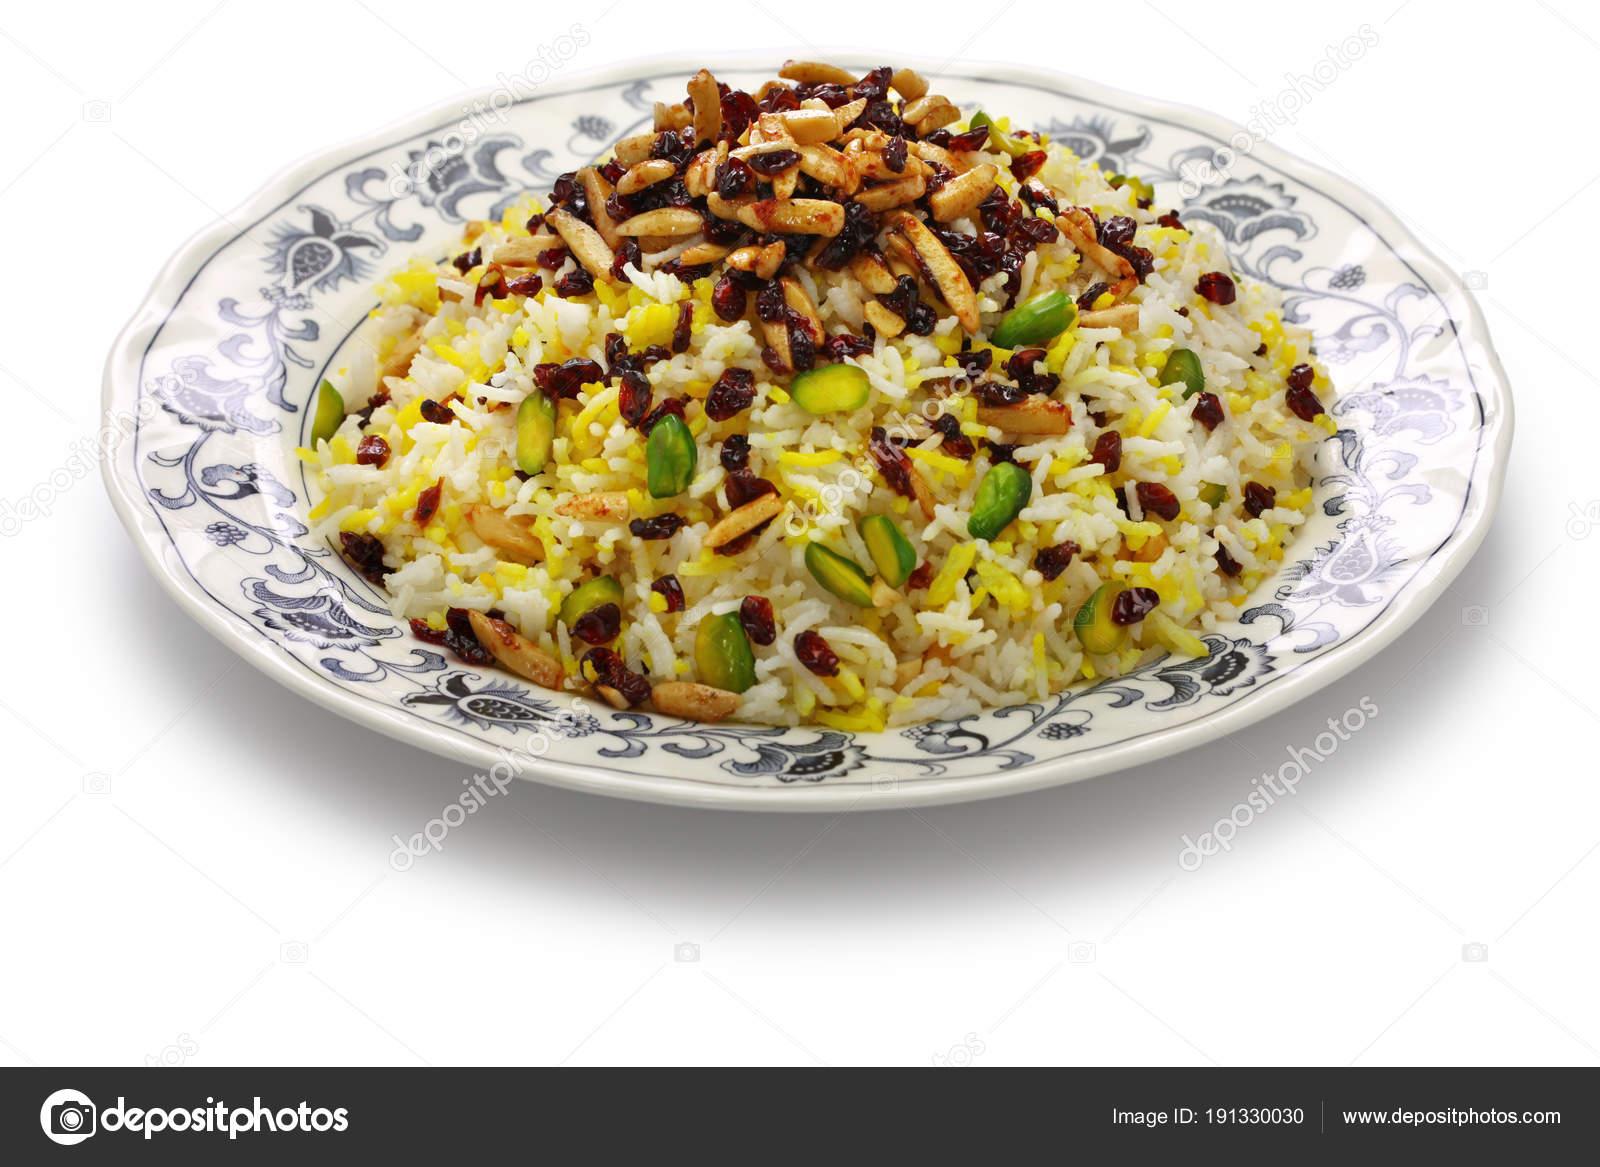 Zereshk polo barberry rice iranian persian cuisine stock photo zereshk polo barberry rice iranian persian cuisine stock photo forumfinder Images